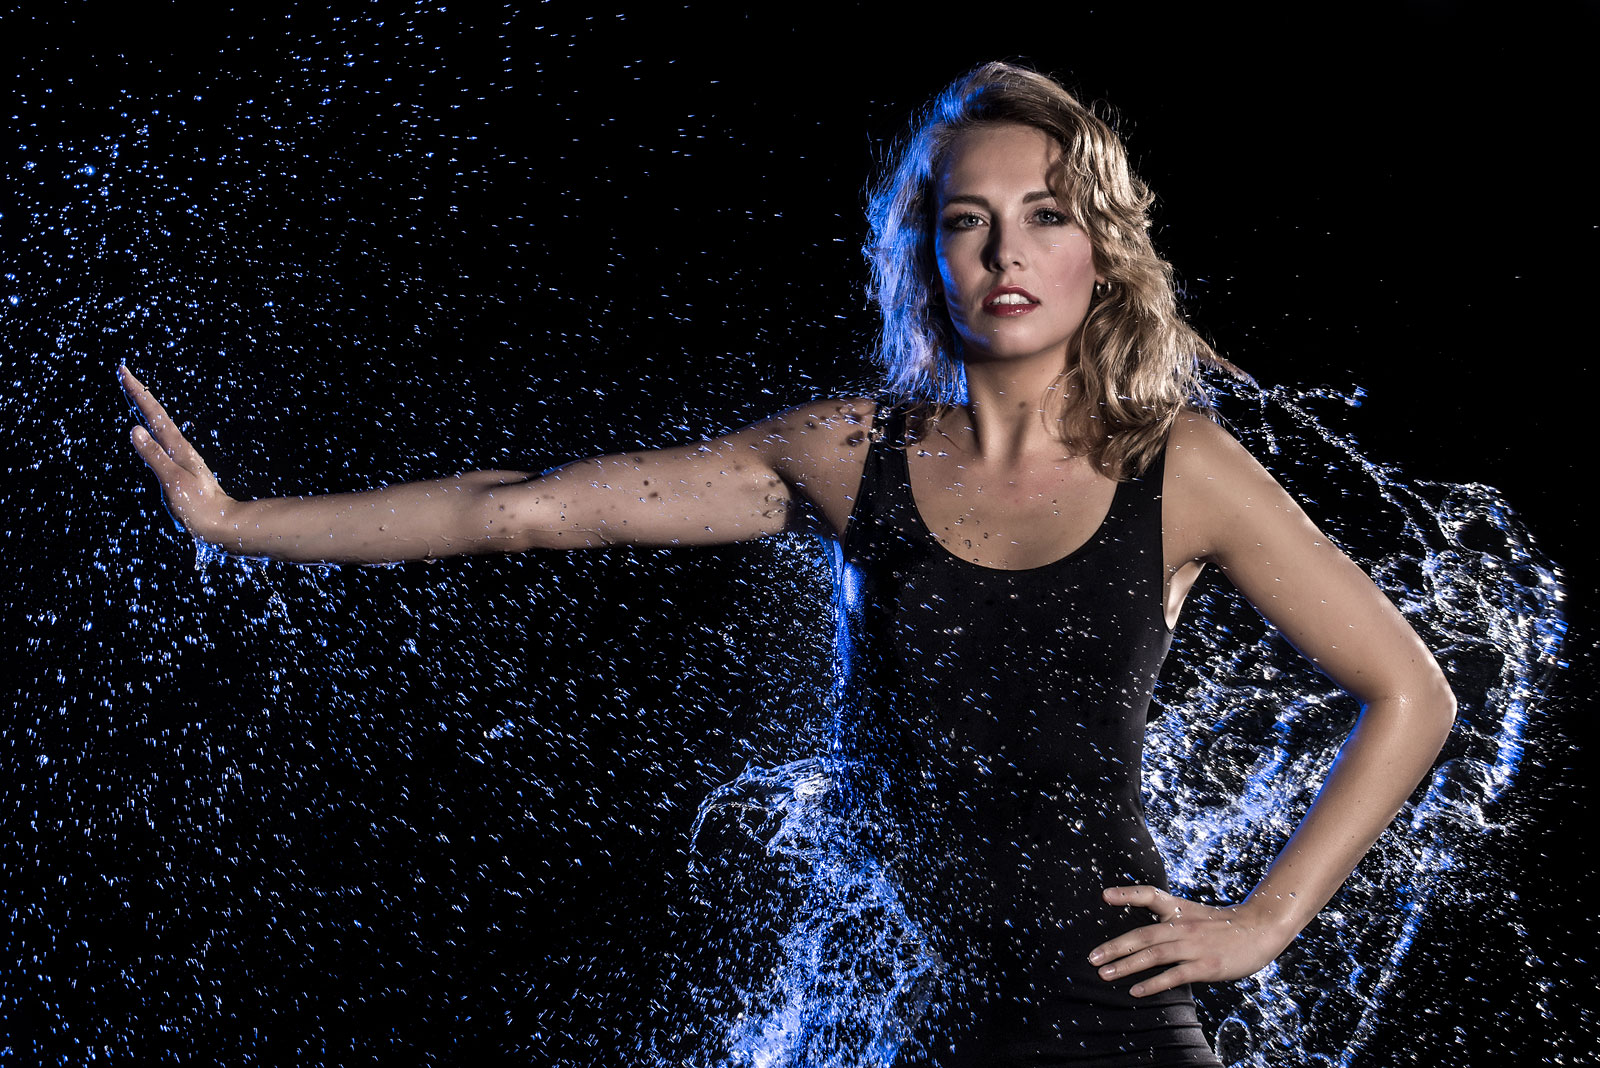 Claire, een modelcoaches, tijdens watershootevent